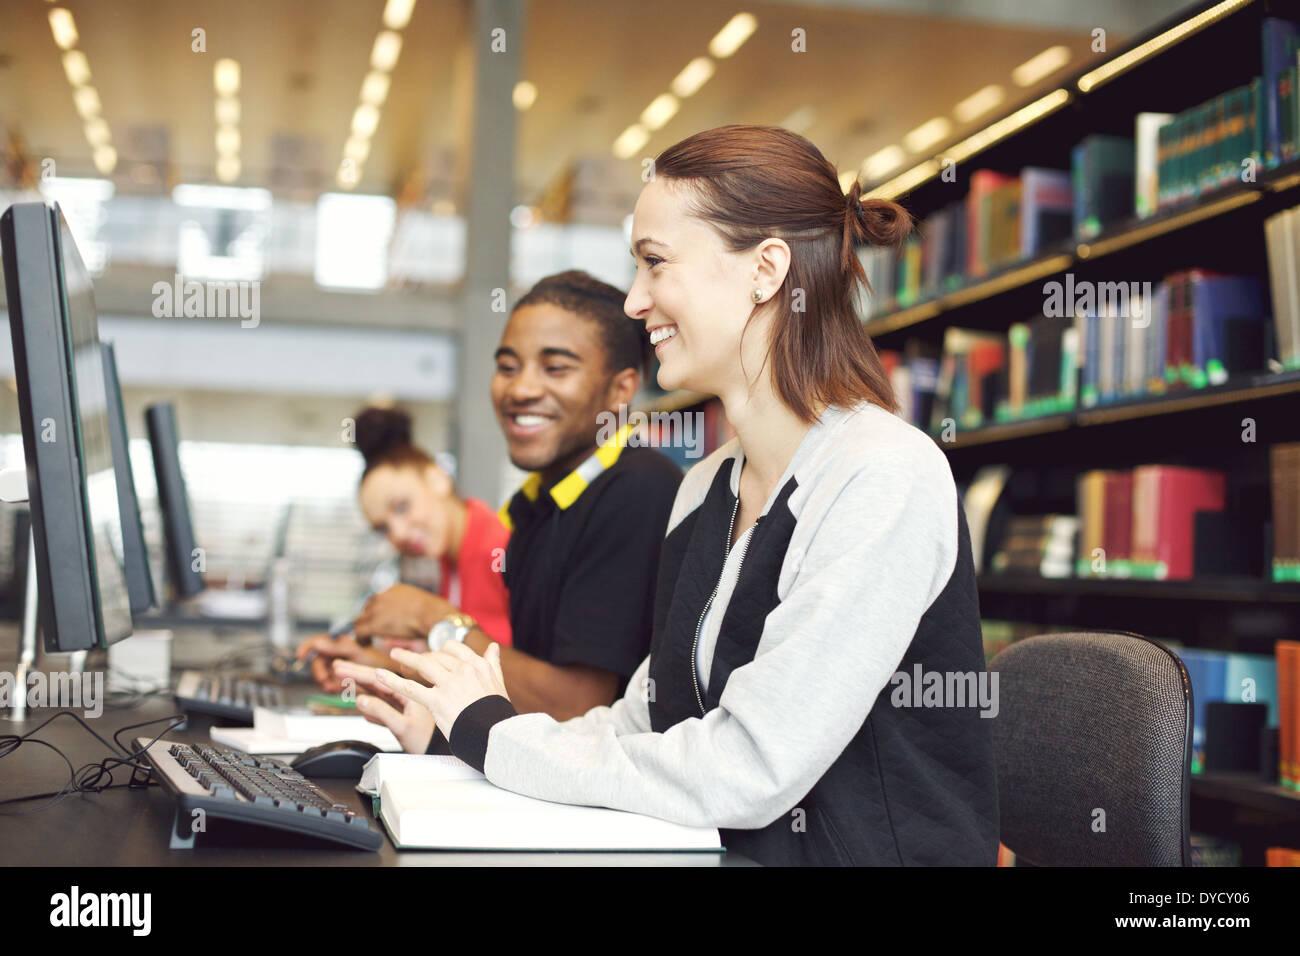 Multietnica gli studenti seduti al tavolo utilizzando il computer per la ricerca di informazioni per il loro studio. I giovani studenti universitari. Immagini Stock